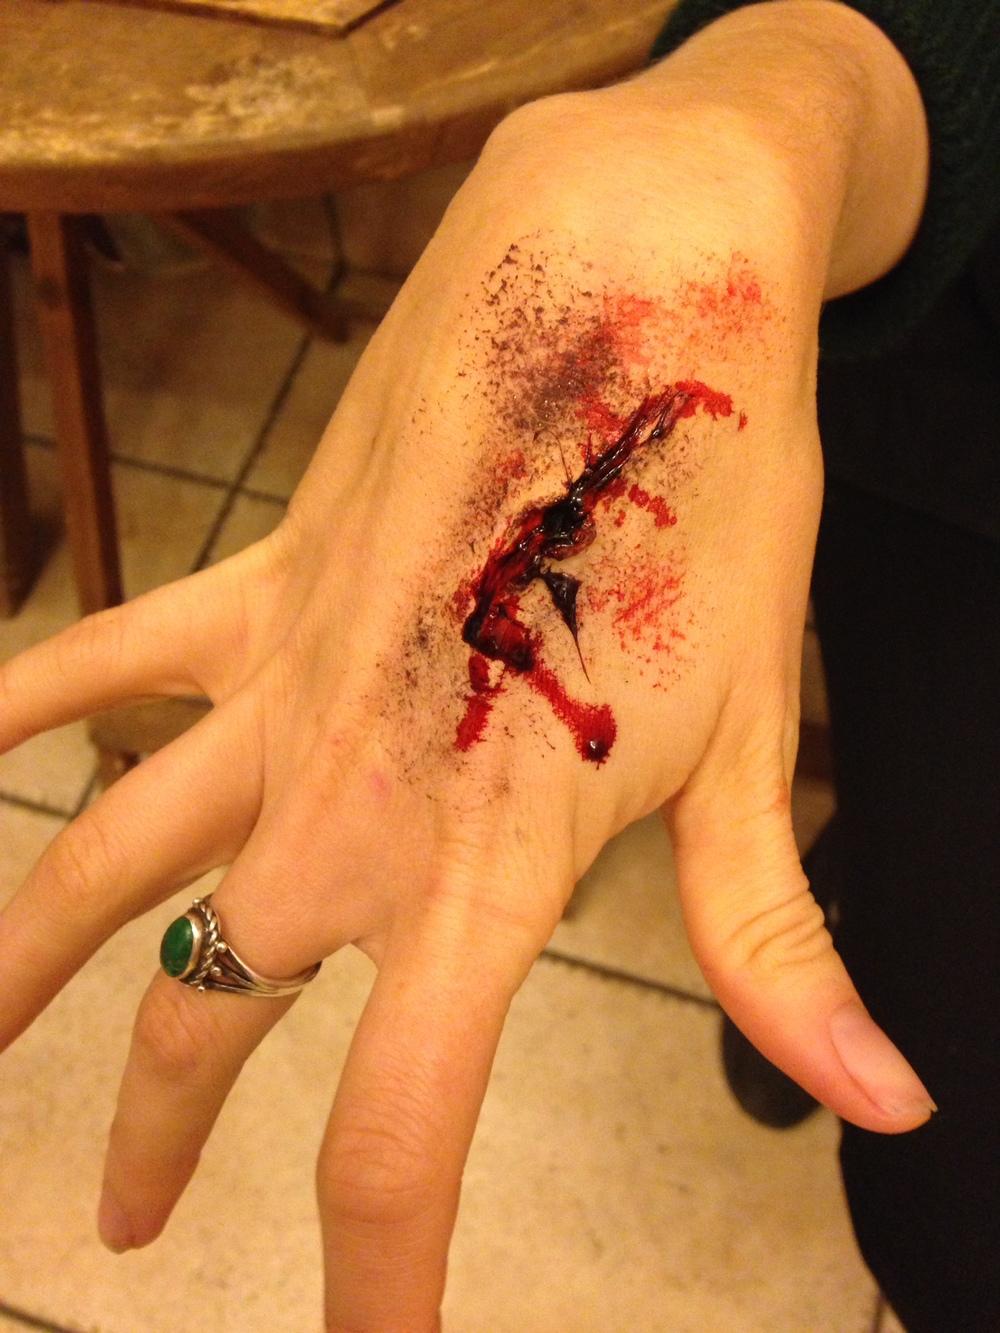 Bad Cut!